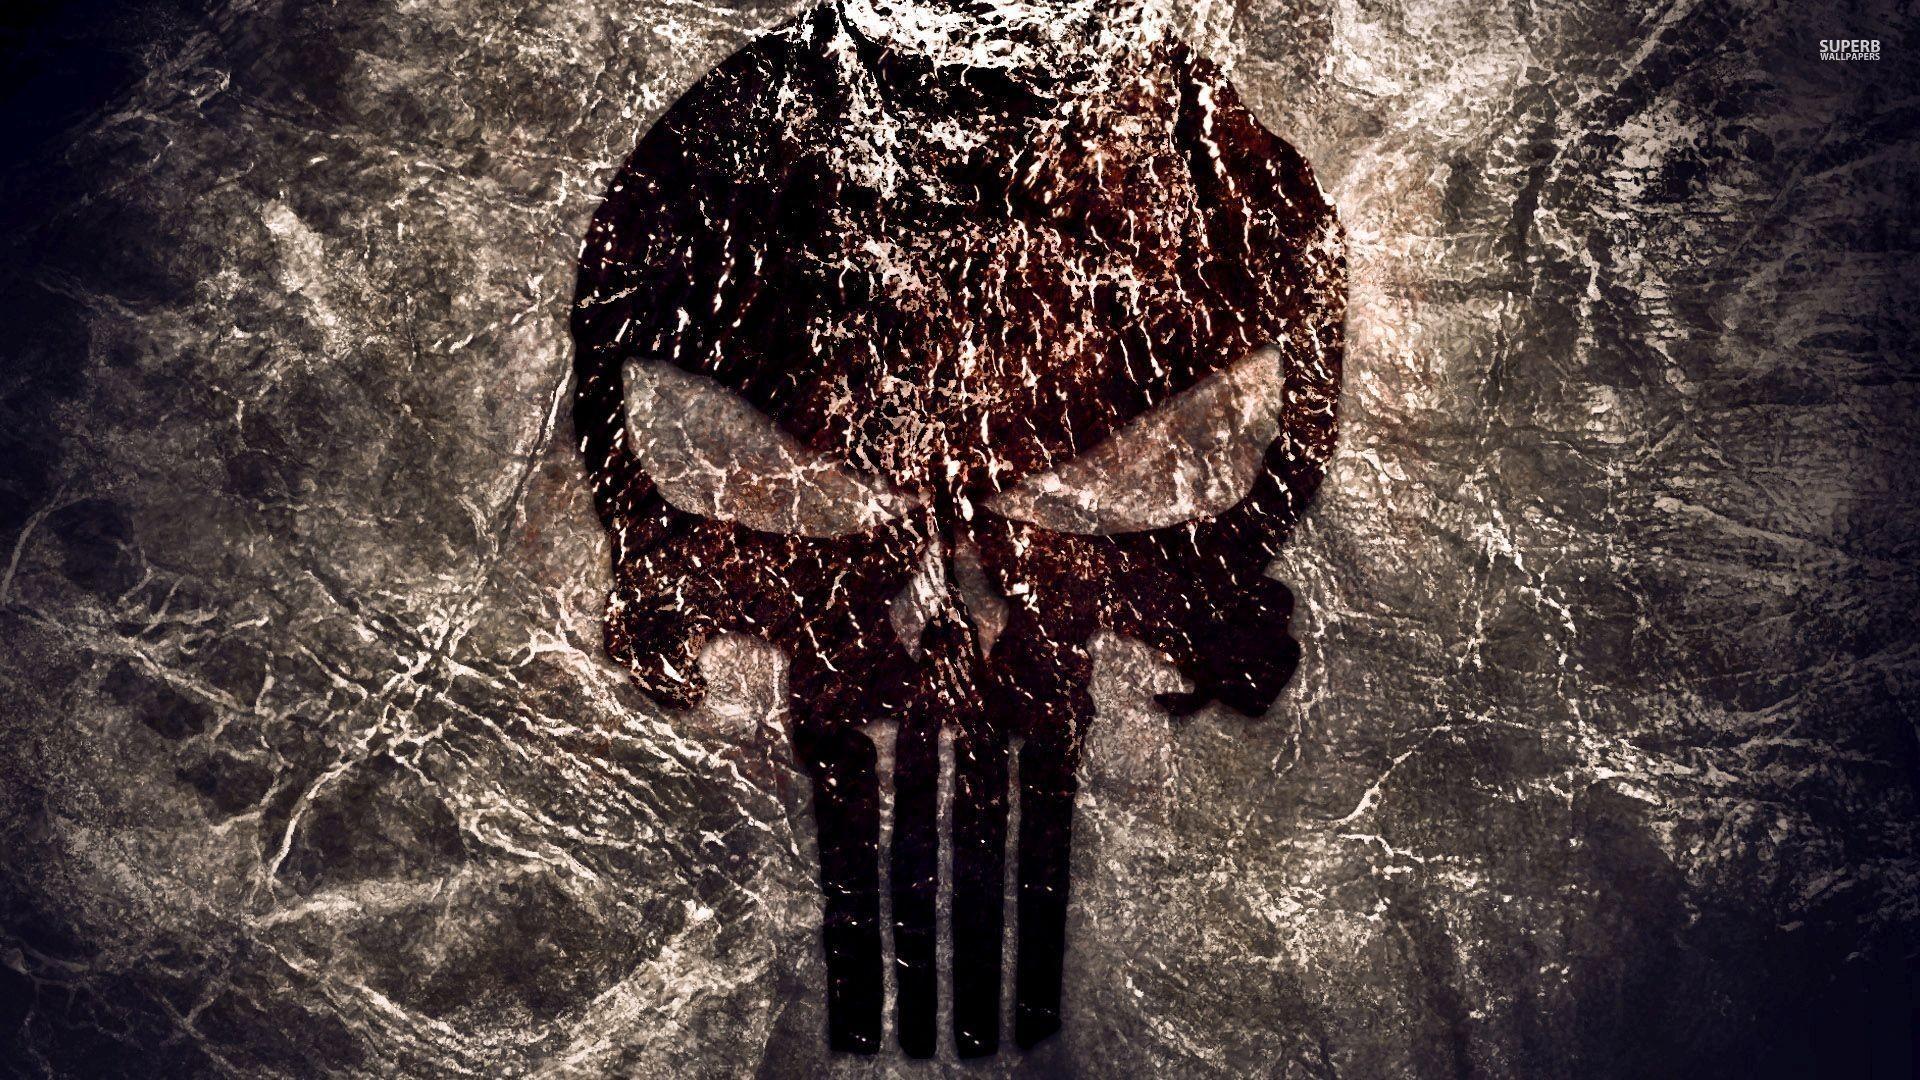 punisher-skull-32008-1920×1080.jpg